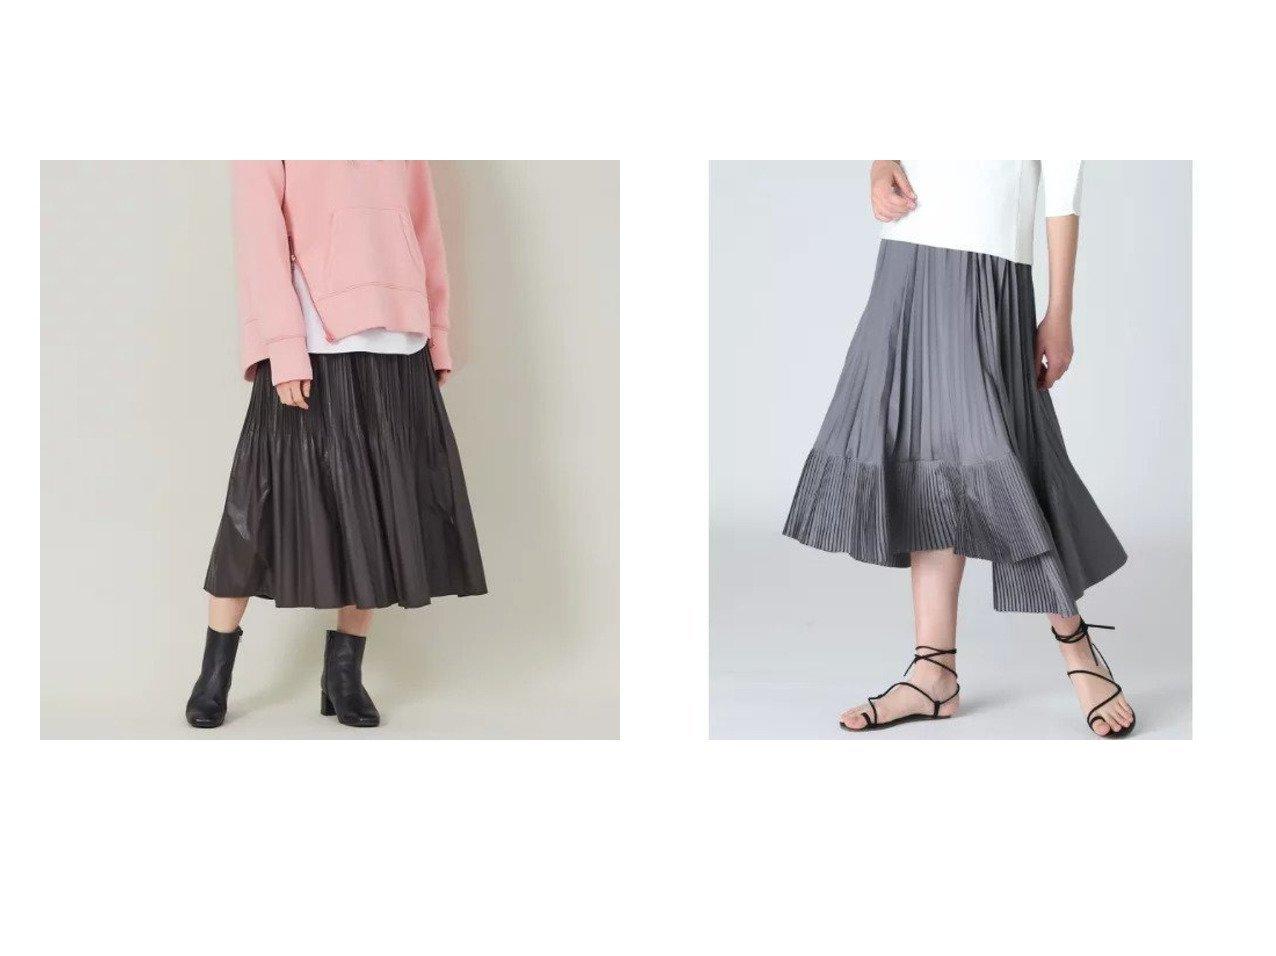 【Rouge vif/ルージュ ヴィフ】の【BRAHMIN】フェイクレザープリーツスカート&【INED/イネド】のヘムプリーツスカート スカートのおすすめ!人気、トレンド・レディースファッションの通販 おすすめで人気の流行・トレンド、ファッションの通販商品 メンズファッション・キッズファッション・インテリア・家具・レディースファッション・服の通販 founy(ファニー) https://founy.com/ ファッション Fashion レディースファッション WOMEN スカート Skirt プリーツスカート Pleated Skirts ショート シンプル ドレープ フェミニン フラット プリーツ マキシ ランダム ロング 今季 イレギュラーヘム シアー シューズ フレア ペチコート 春 Spring |ID:crp329100000023886